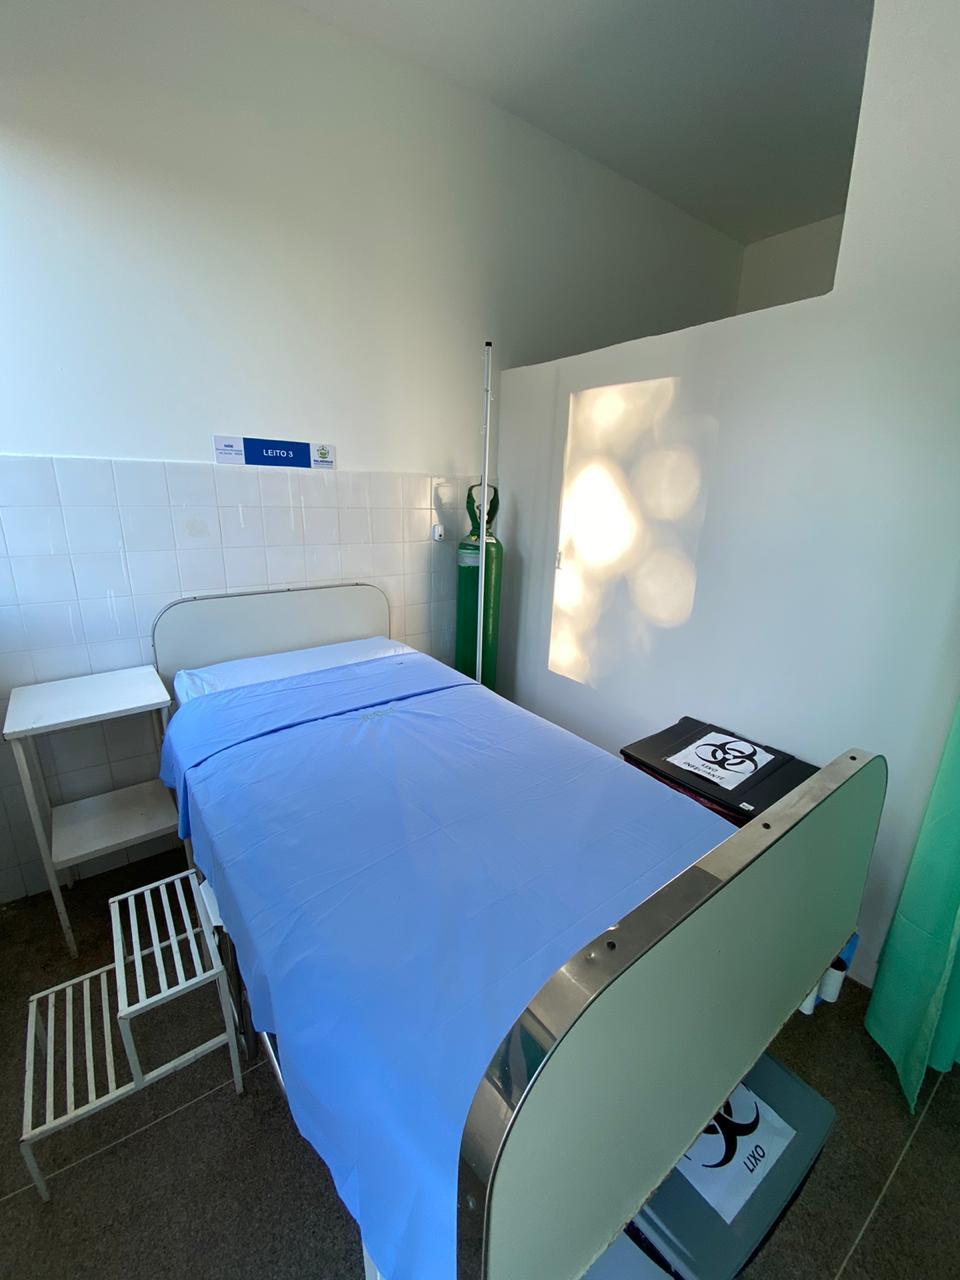 Palmeirais inaugura ala exclusiva para pacientes com Covid-19 - Imagem 1